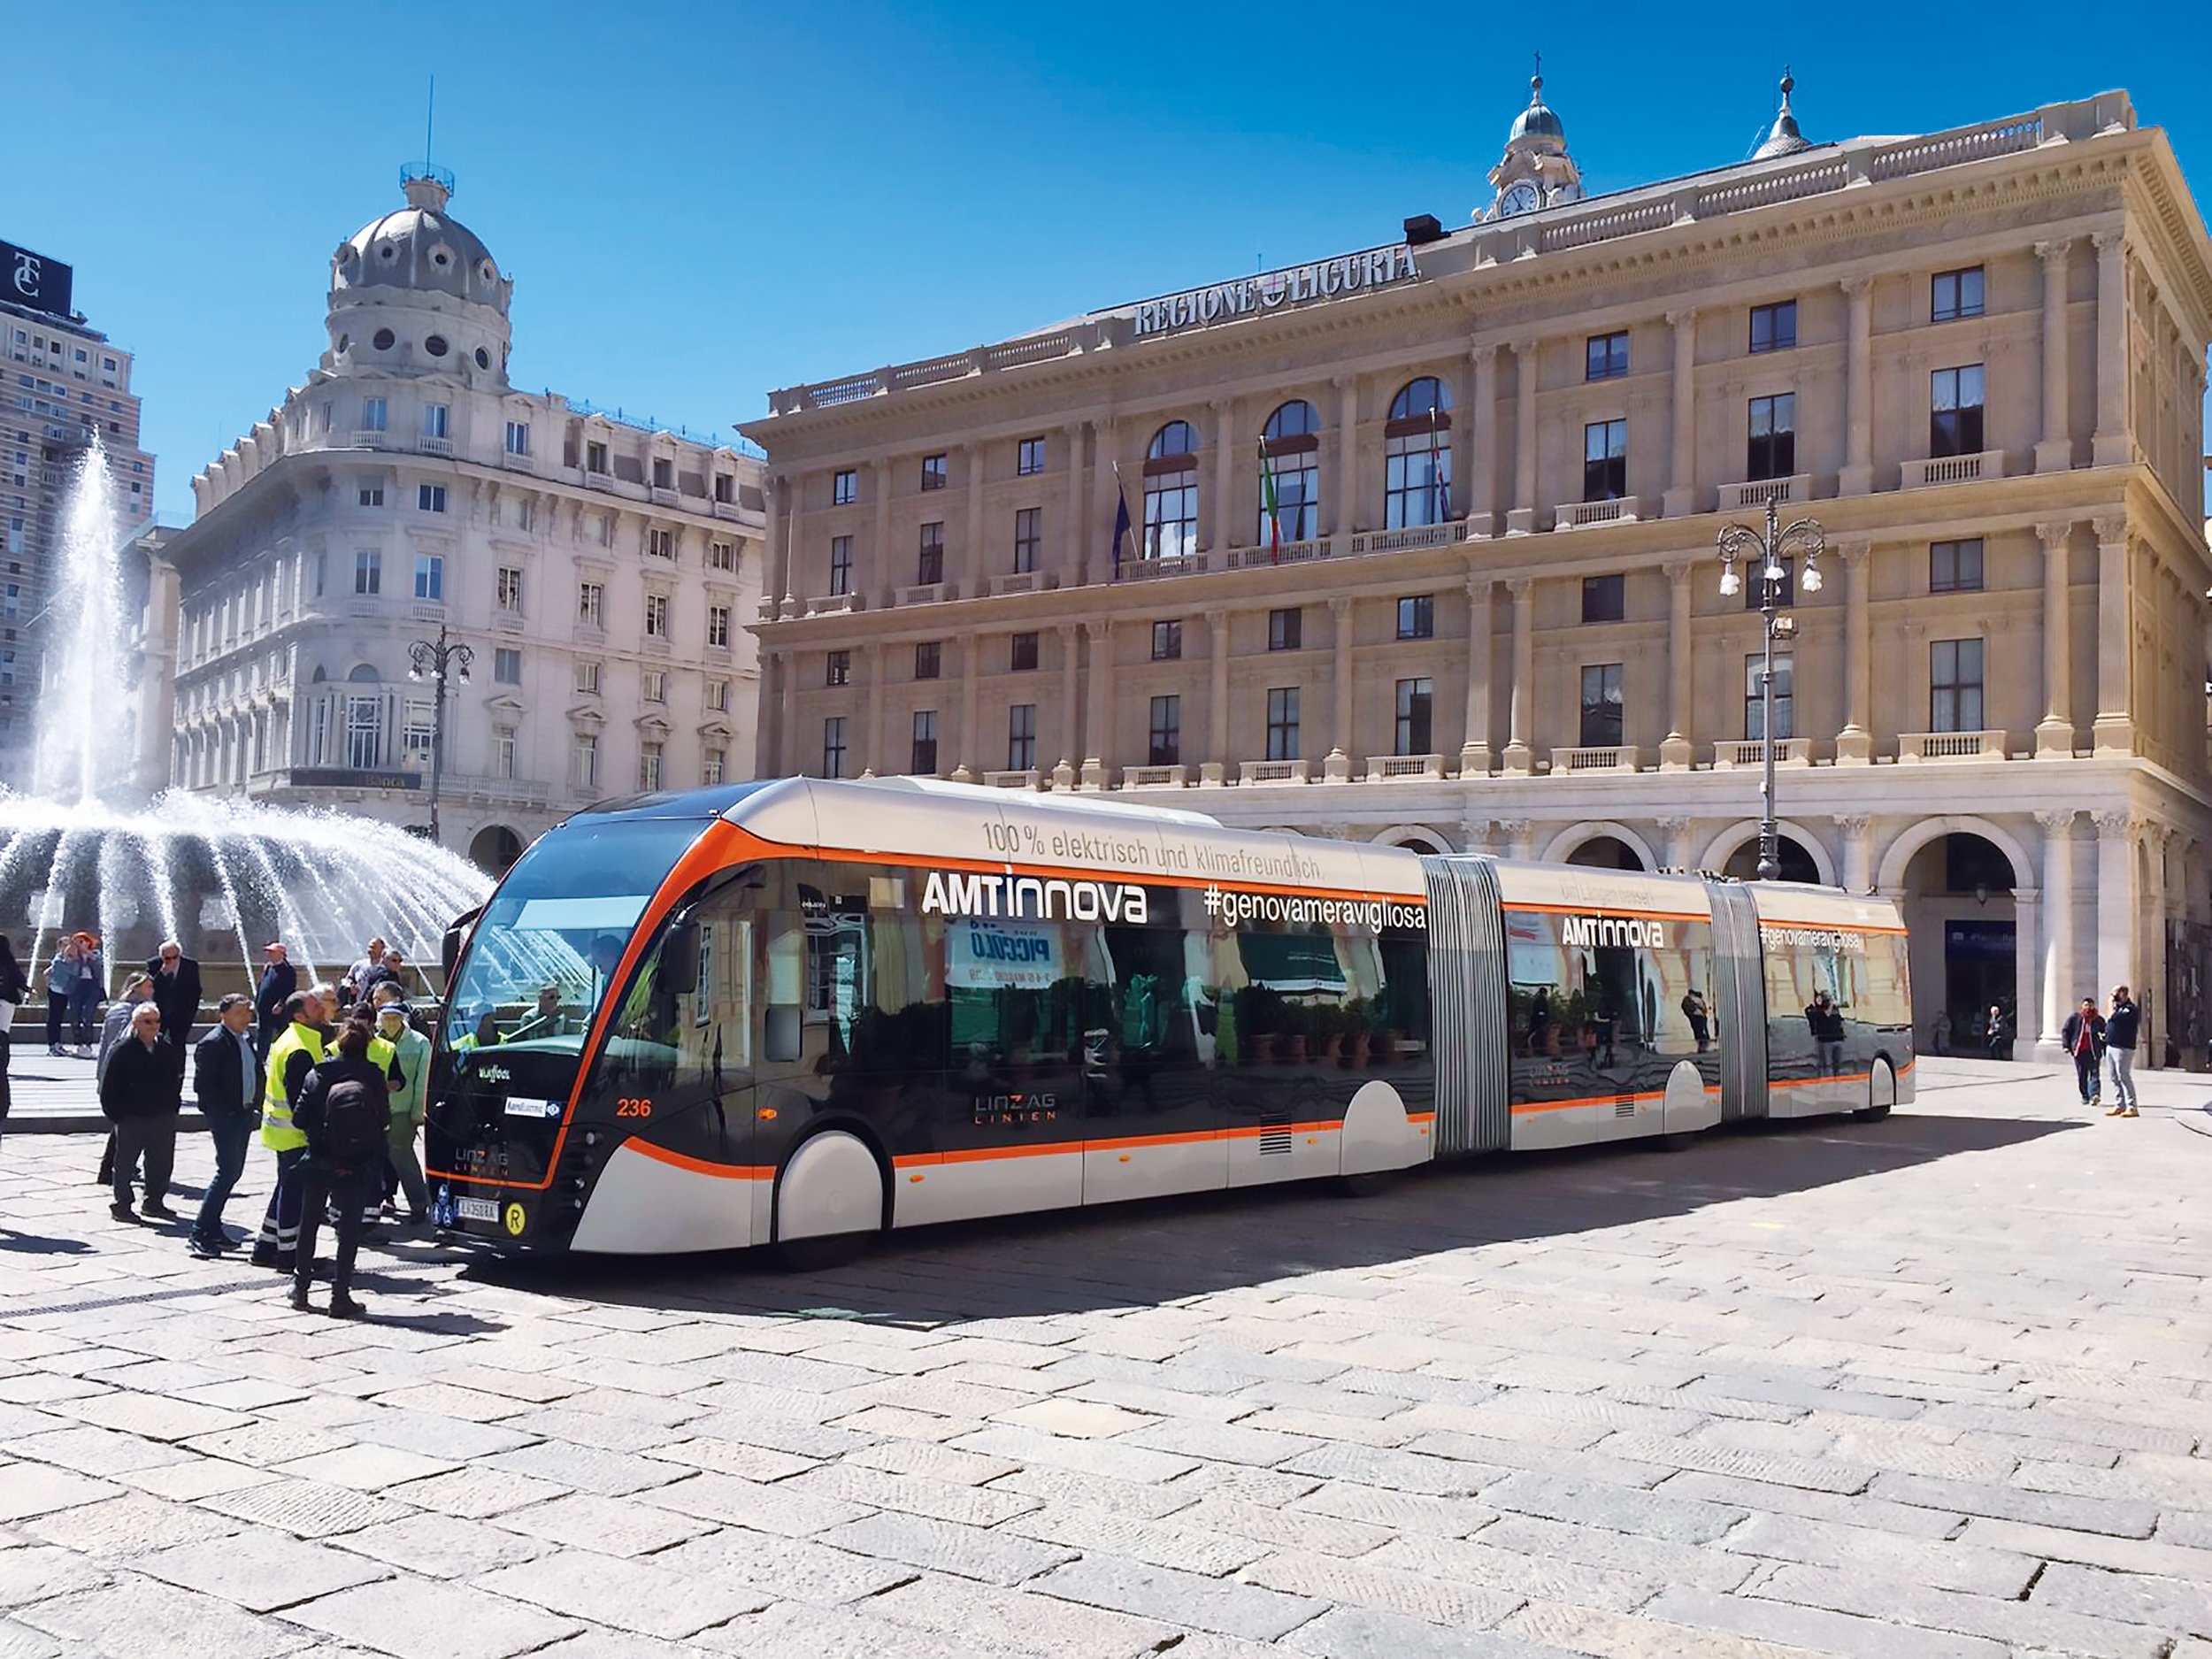 Trolejbus Van Hool Exqui.City 24T během prezentace zastupitelům města v Janově dne 7. 5. 2019. (foto: LINZ AG LINIEN)